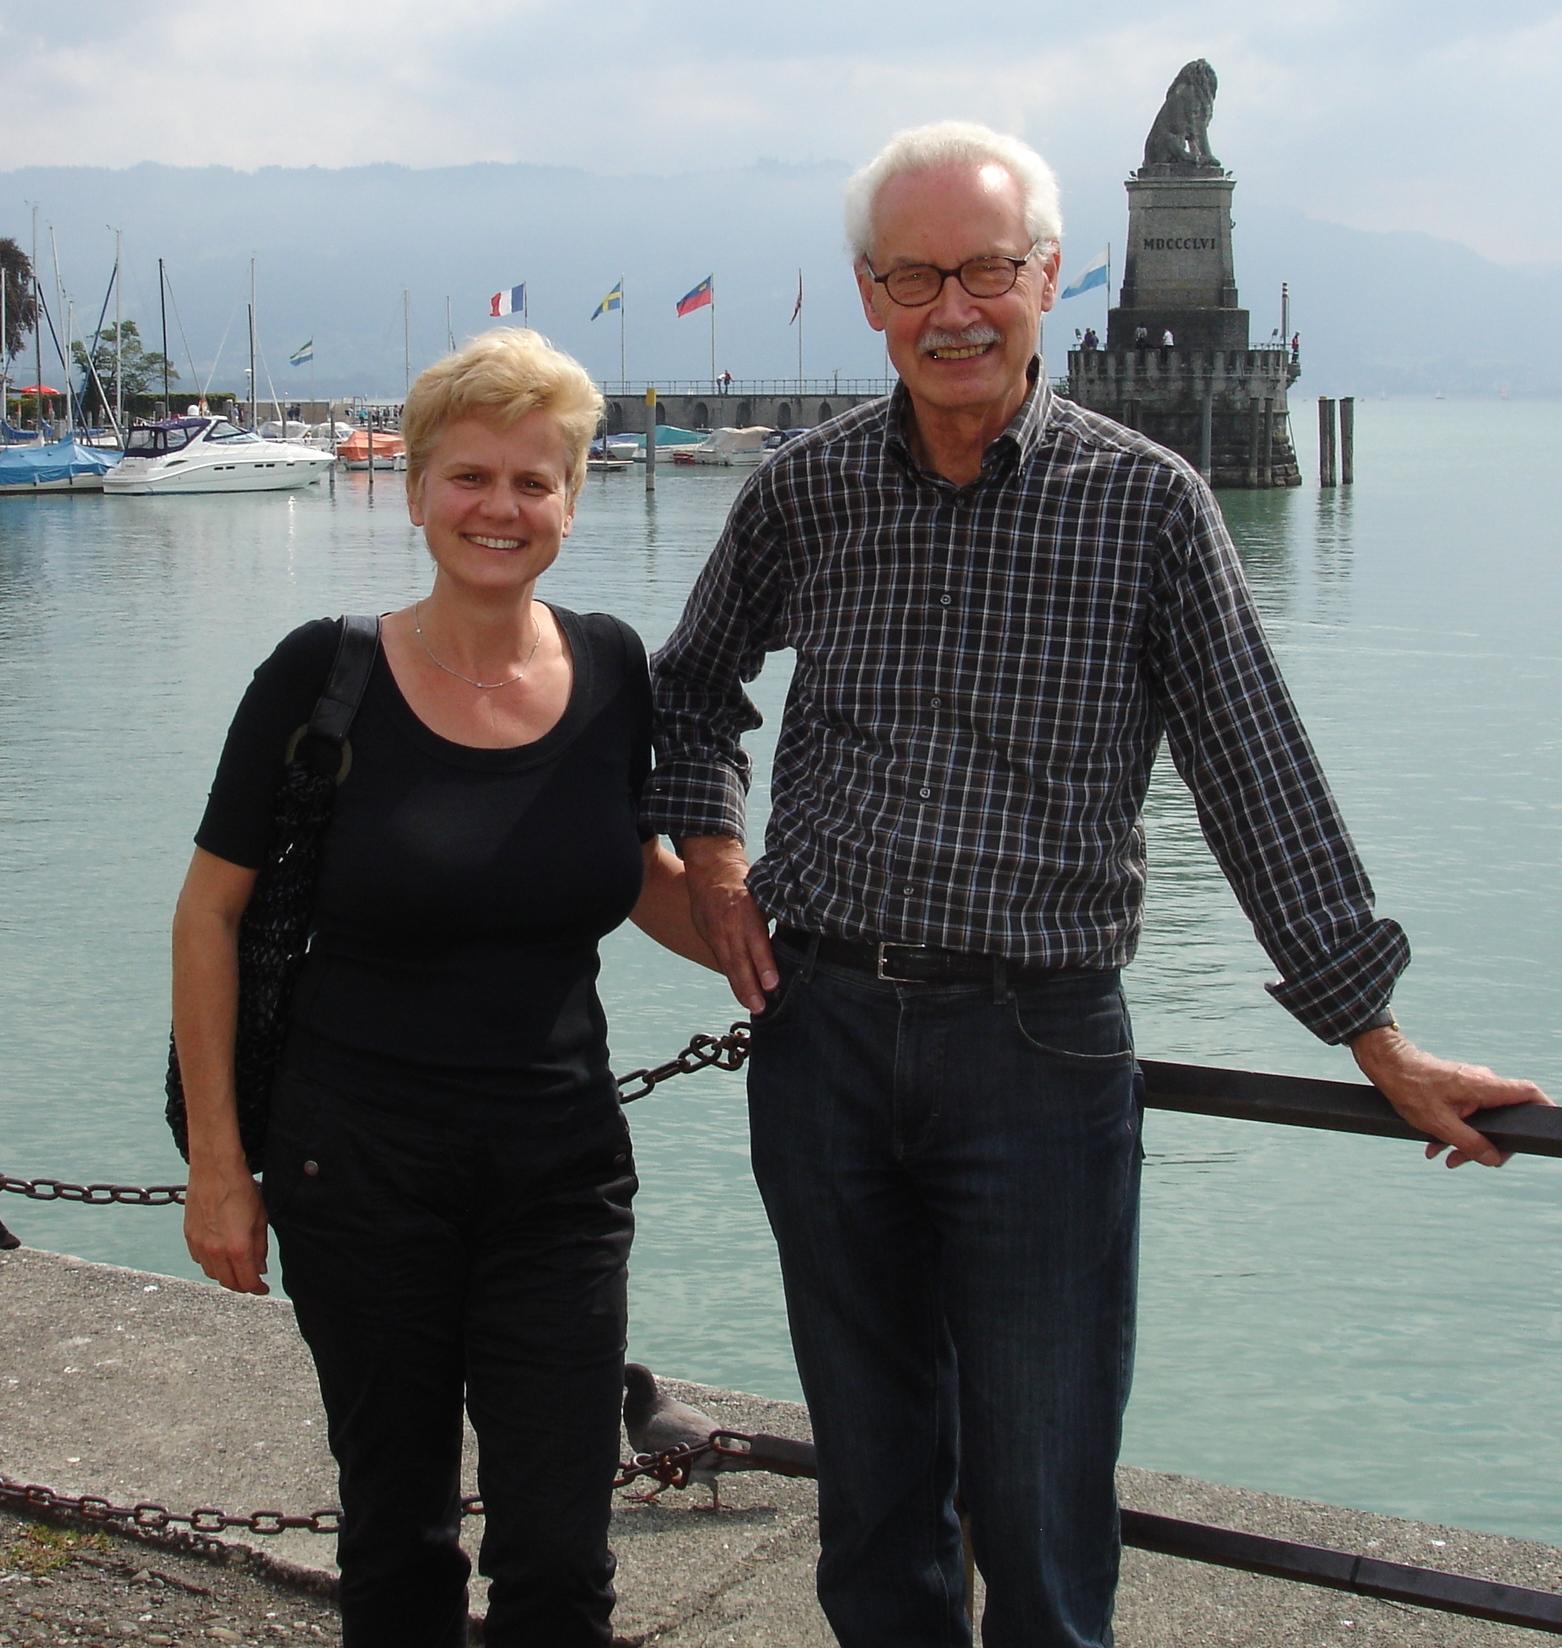 Mit dem Autor Hermann Vinke verbindet mich eine seit über 12 Jahren eine intensive Zusammenarbeit an vielen Büchern.